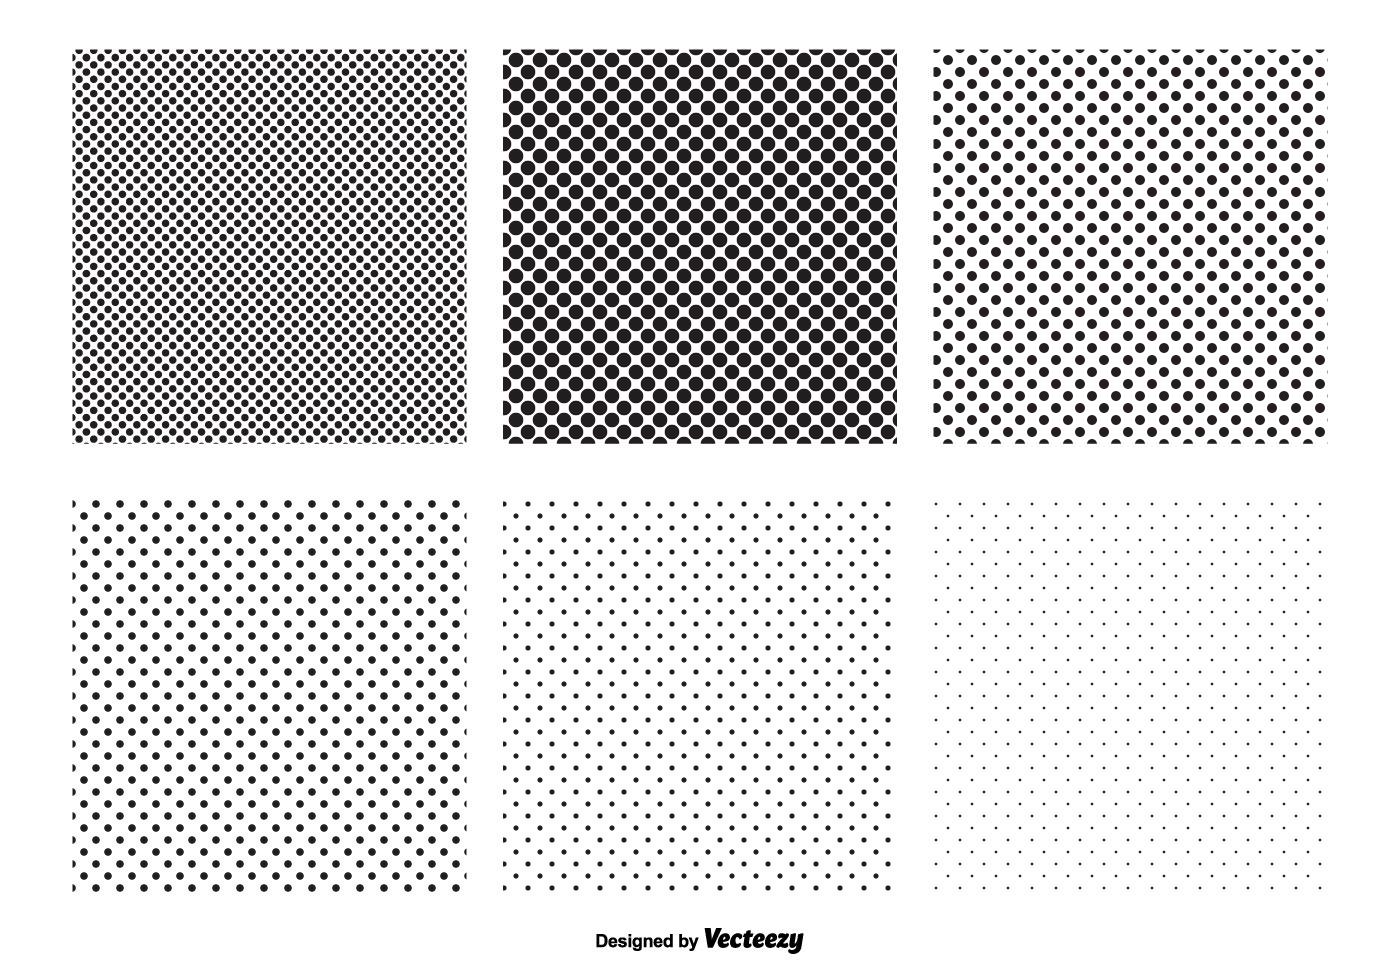 Transparent Patterns Unique Design Ideas